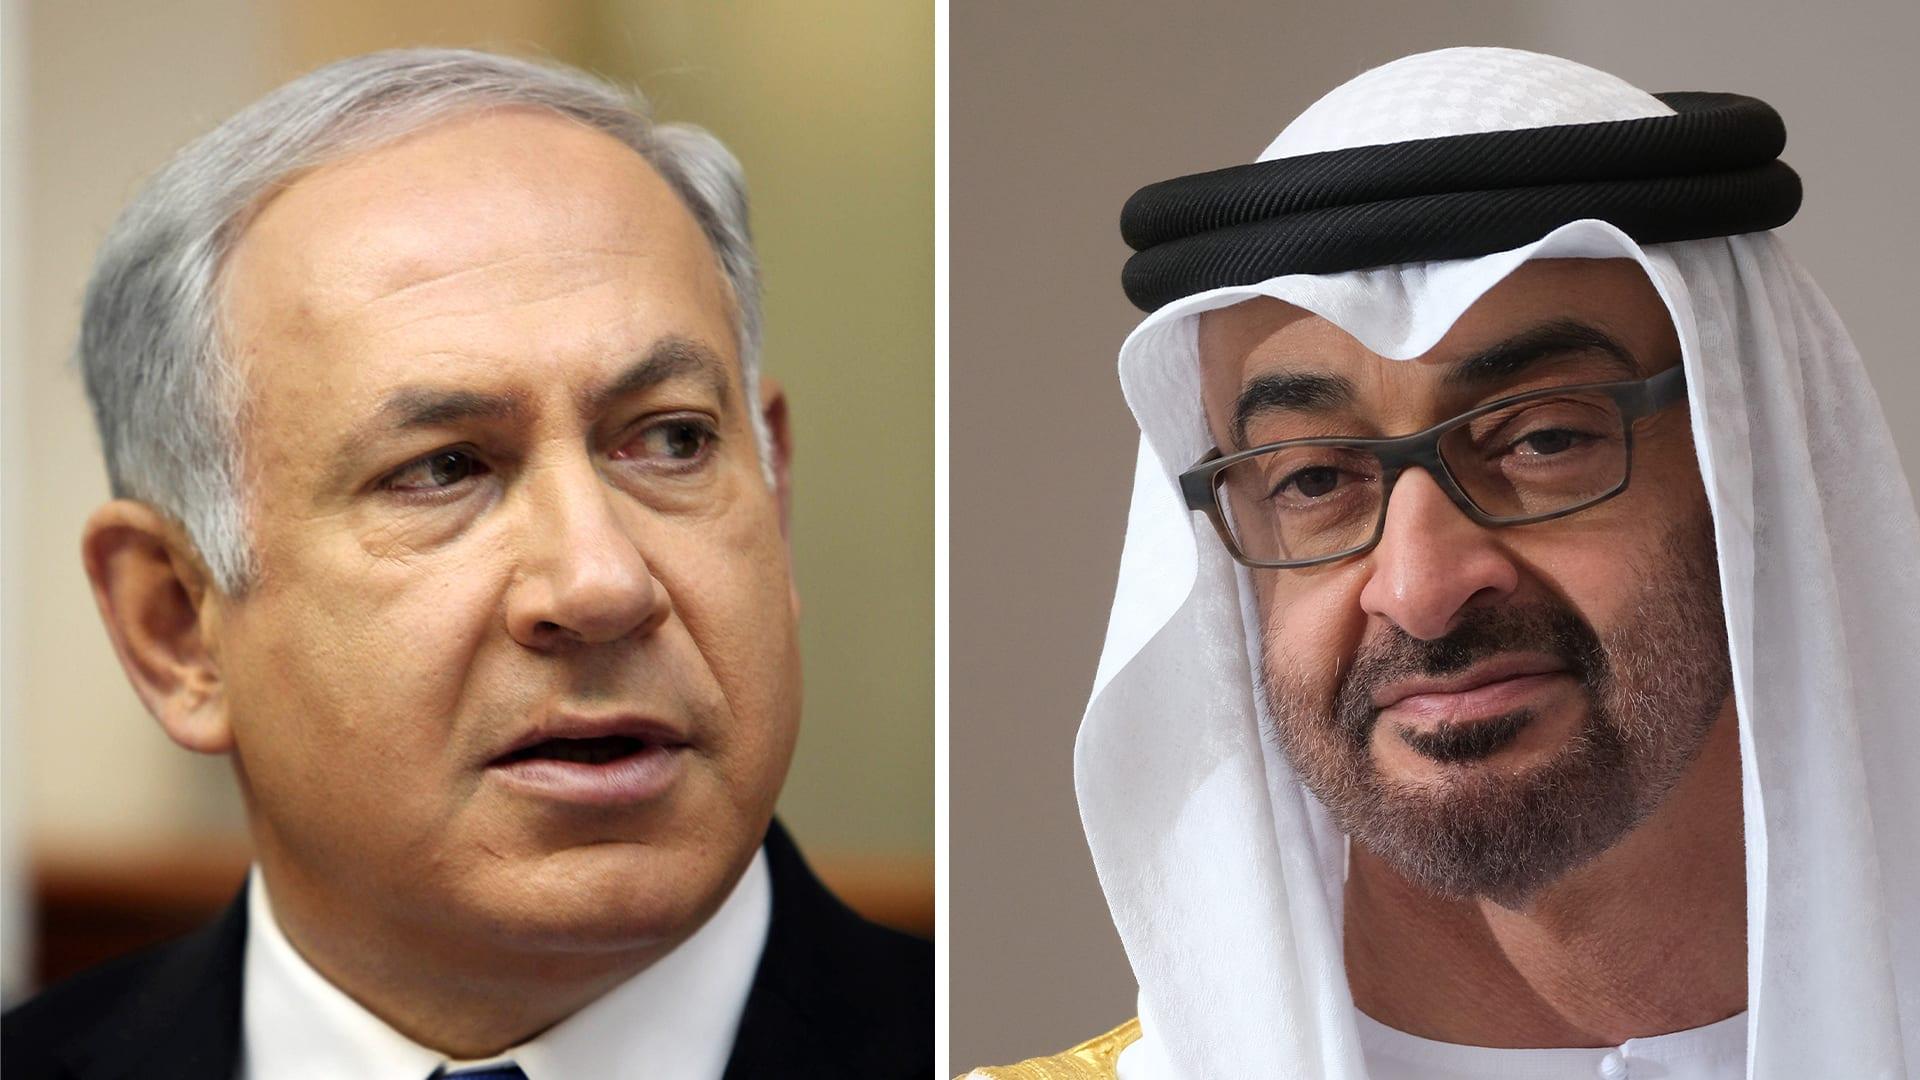 نتنياهو: محمد بن زايد زعيم عظيم.. والإمارات ستستثمر 10 مليارات دولار في إسرائيل